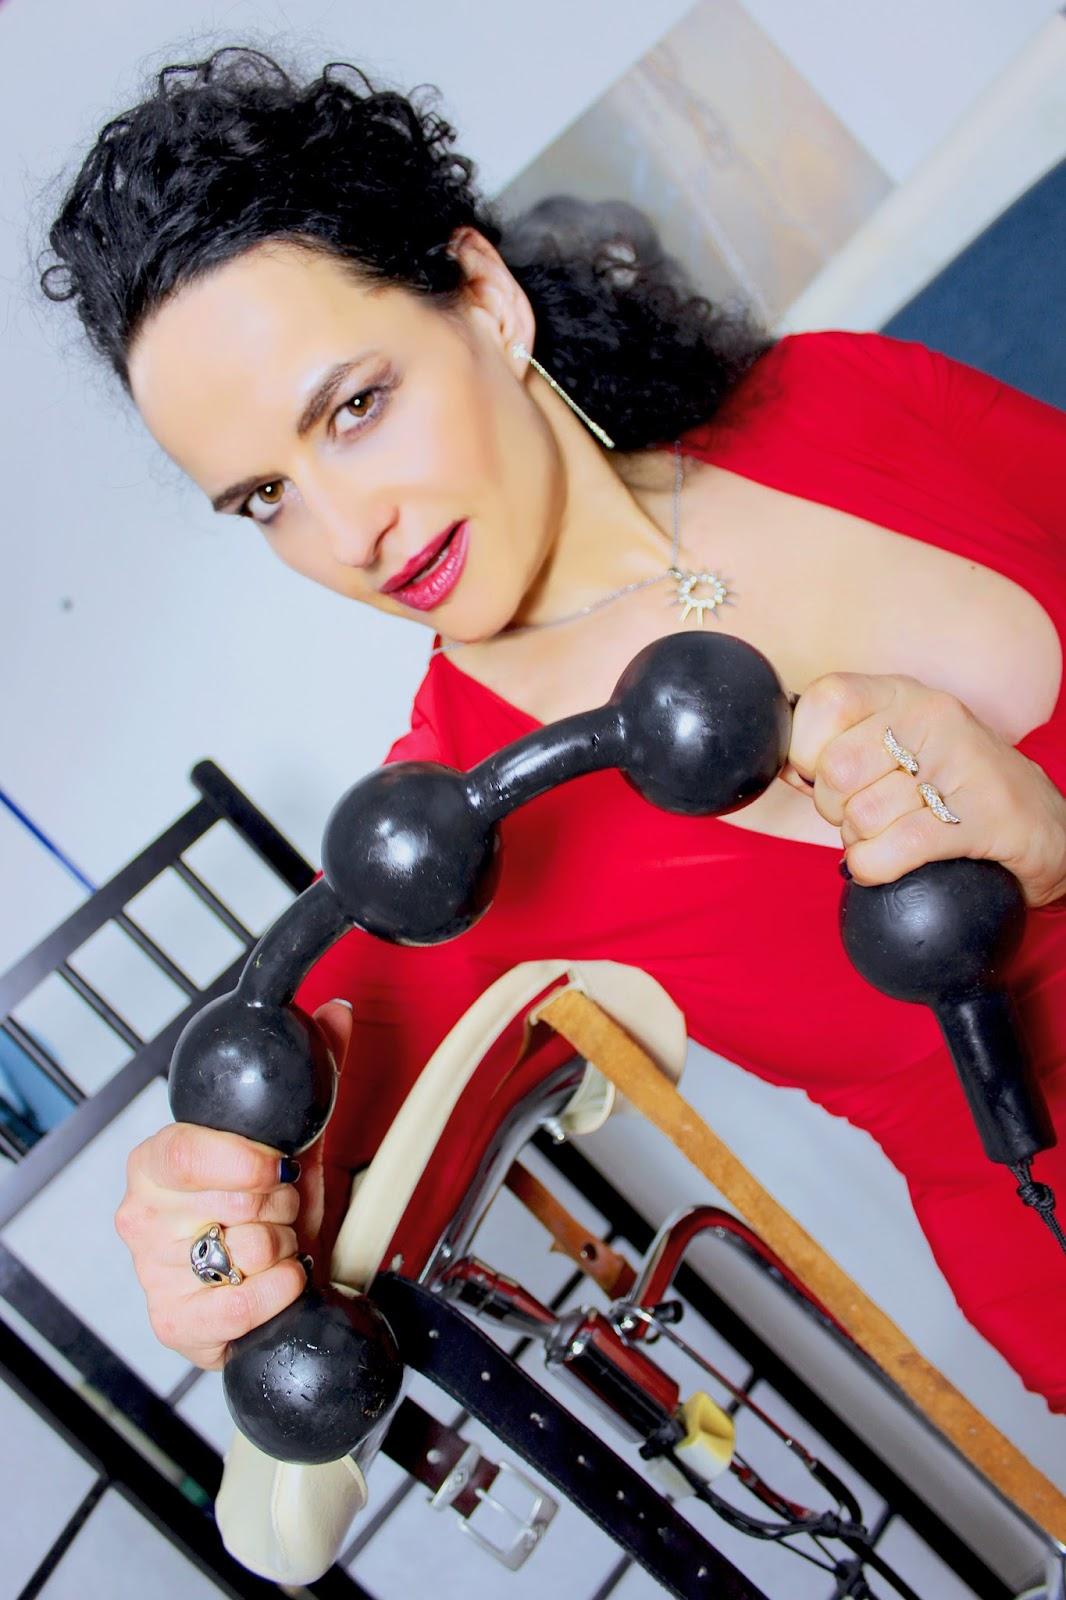 Klinikerin / Chefärztin / Therapeutin / Psychologin... Masseurin Fr.'Dr.' Alina Sommer